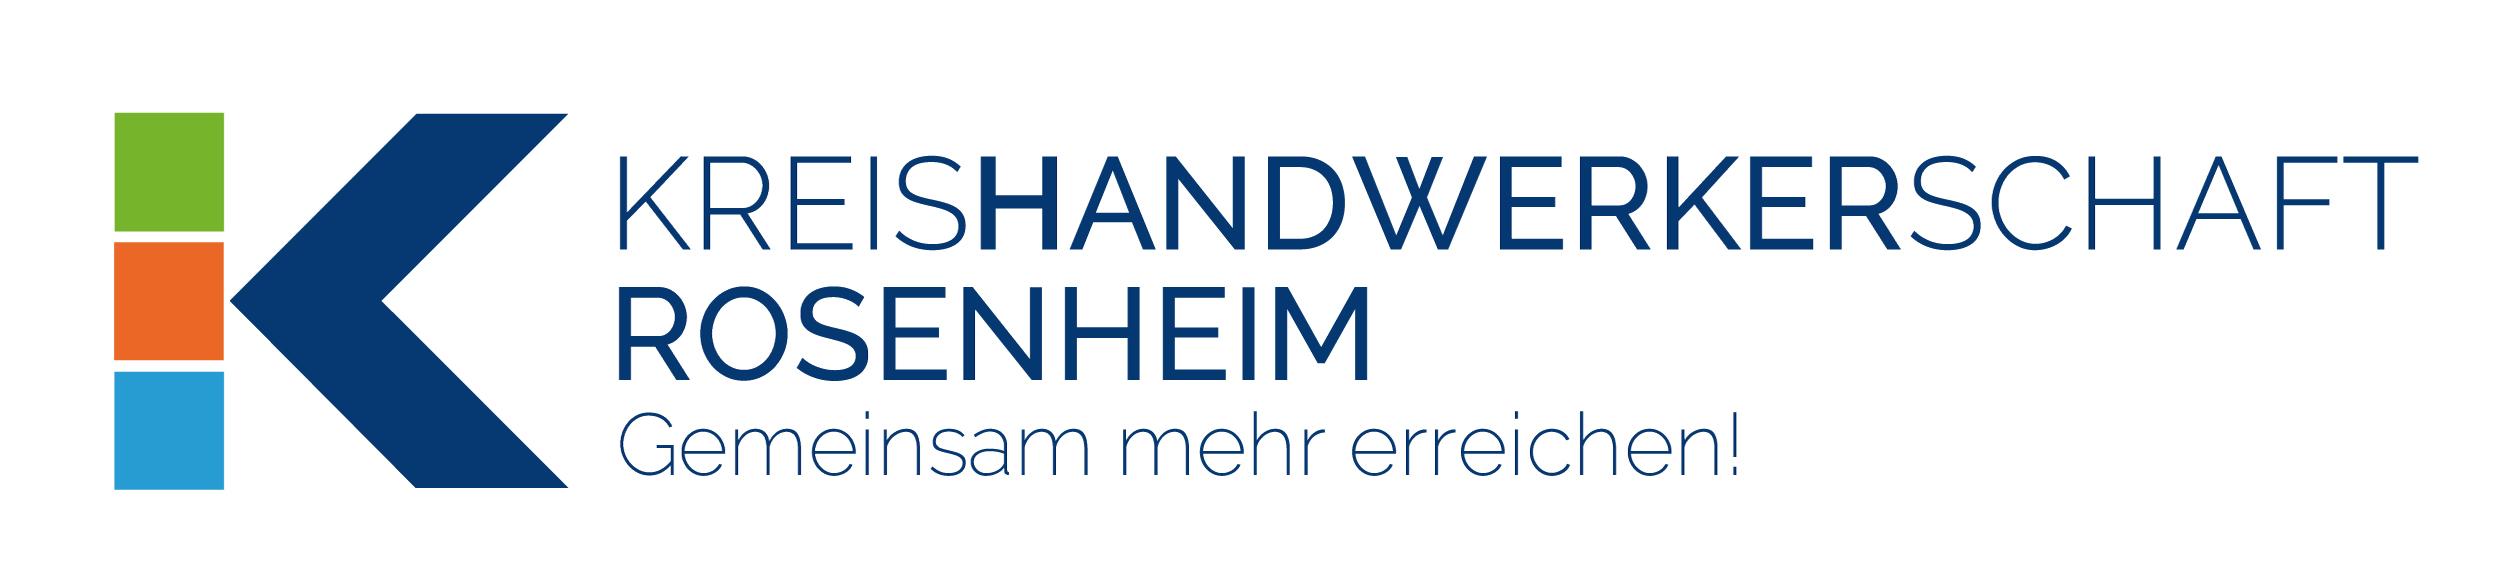 Kreishandwerkerschaft Rosenheim, Logo